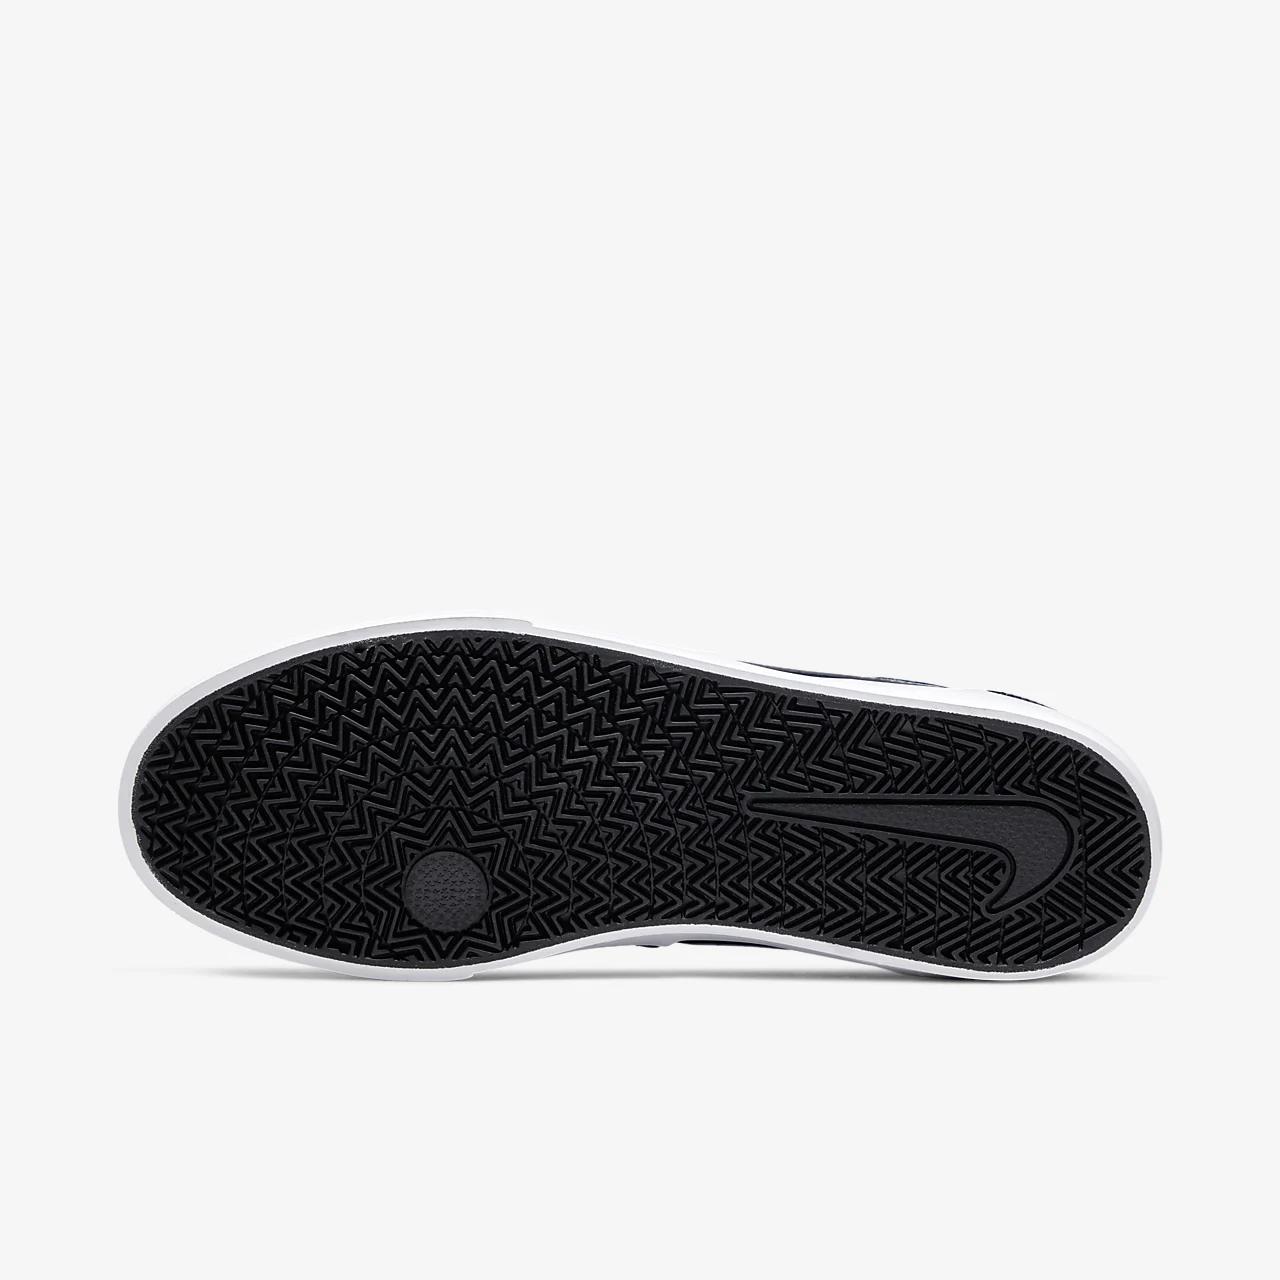 유럽직배송 나이키 NIKE Nike SB Charge Canvas Men's Skate Shoe CD6279-400